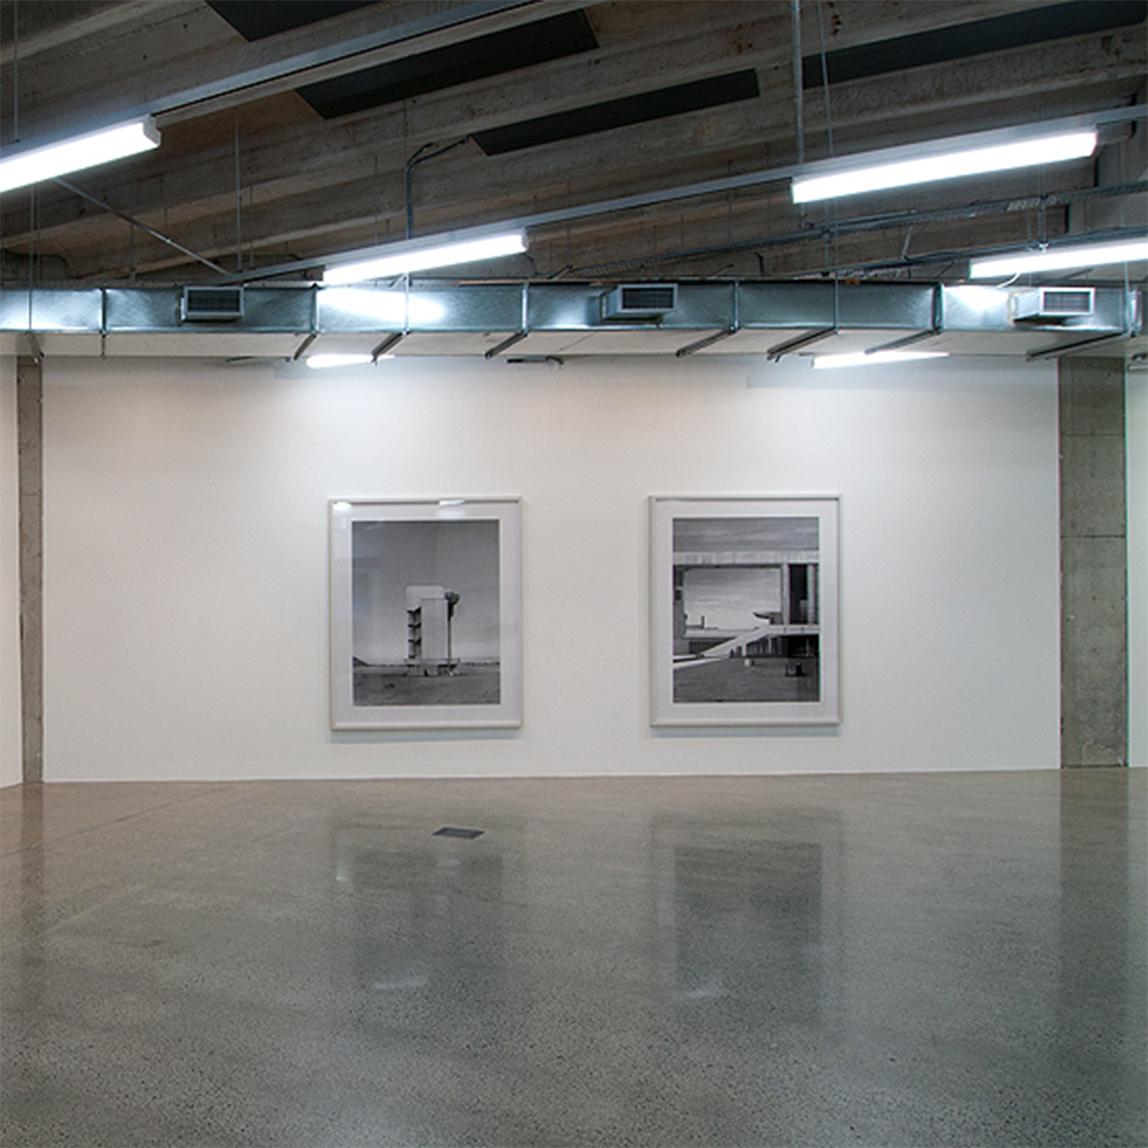 Beate Gutschow, 2011. Installation view.